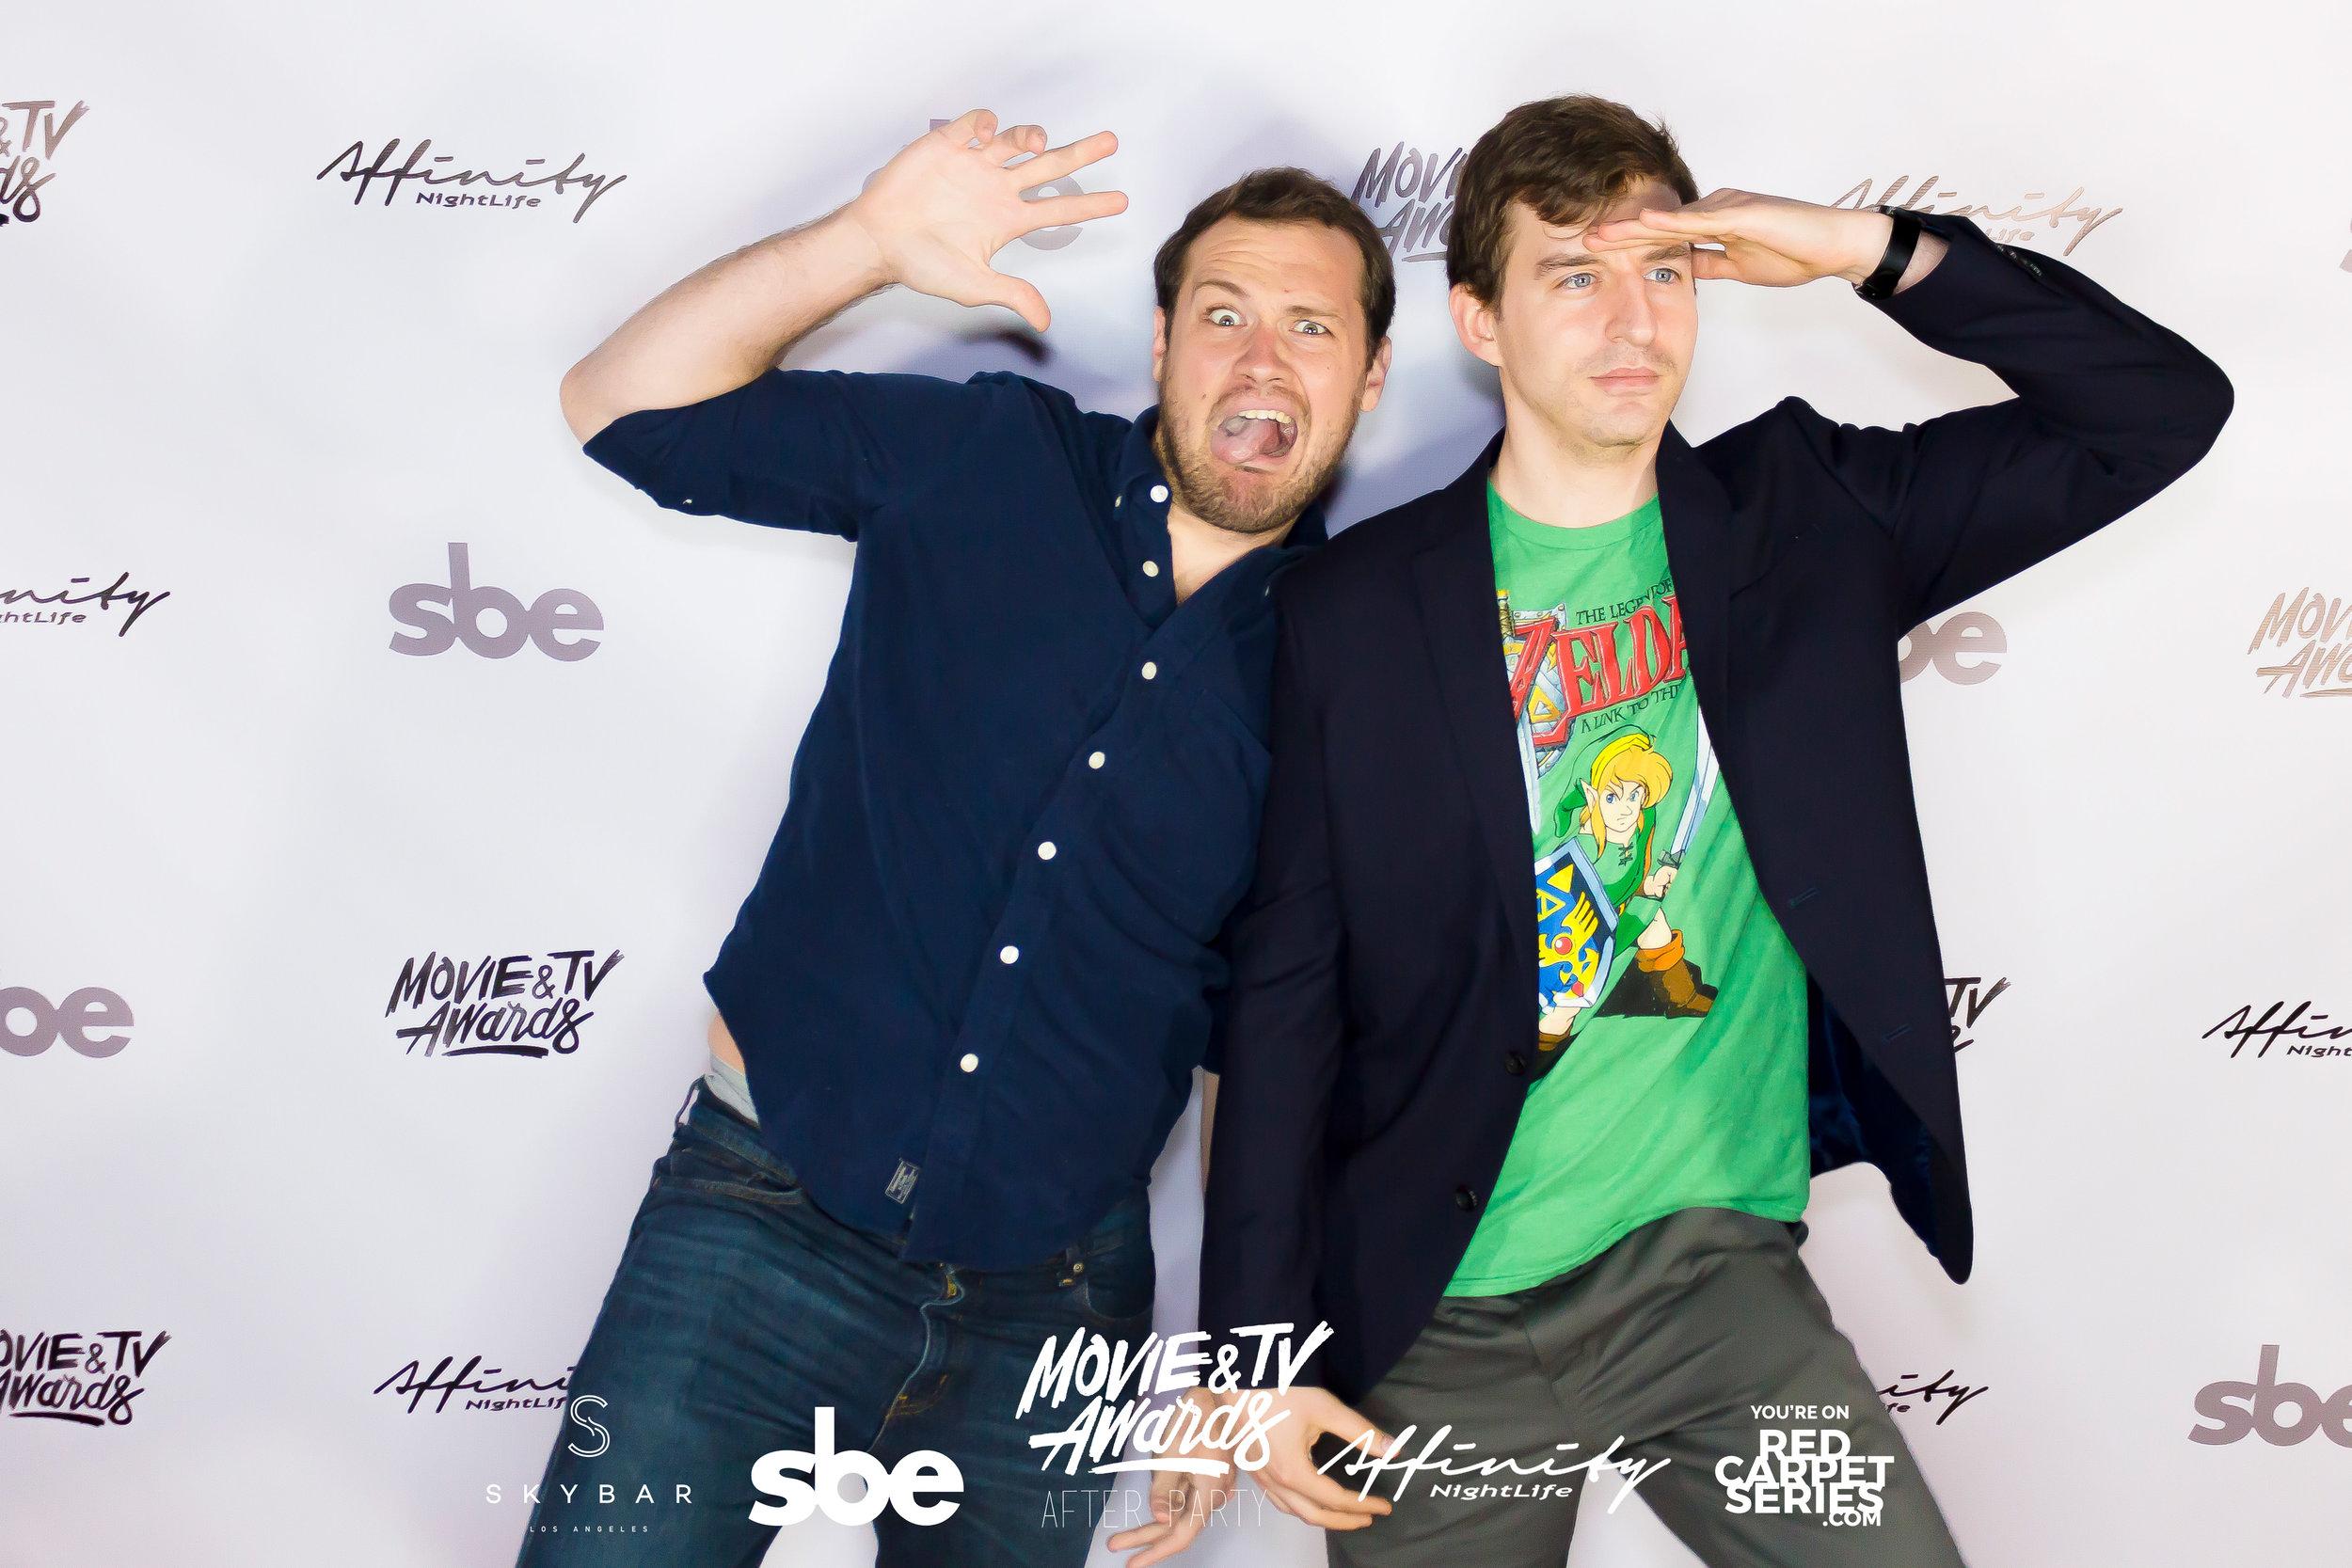 Affinity Nightlife MTV Movie & TV Awards After Party - Skybar at Mondrian - 06-15-19 - Vol. 2_86.jpg